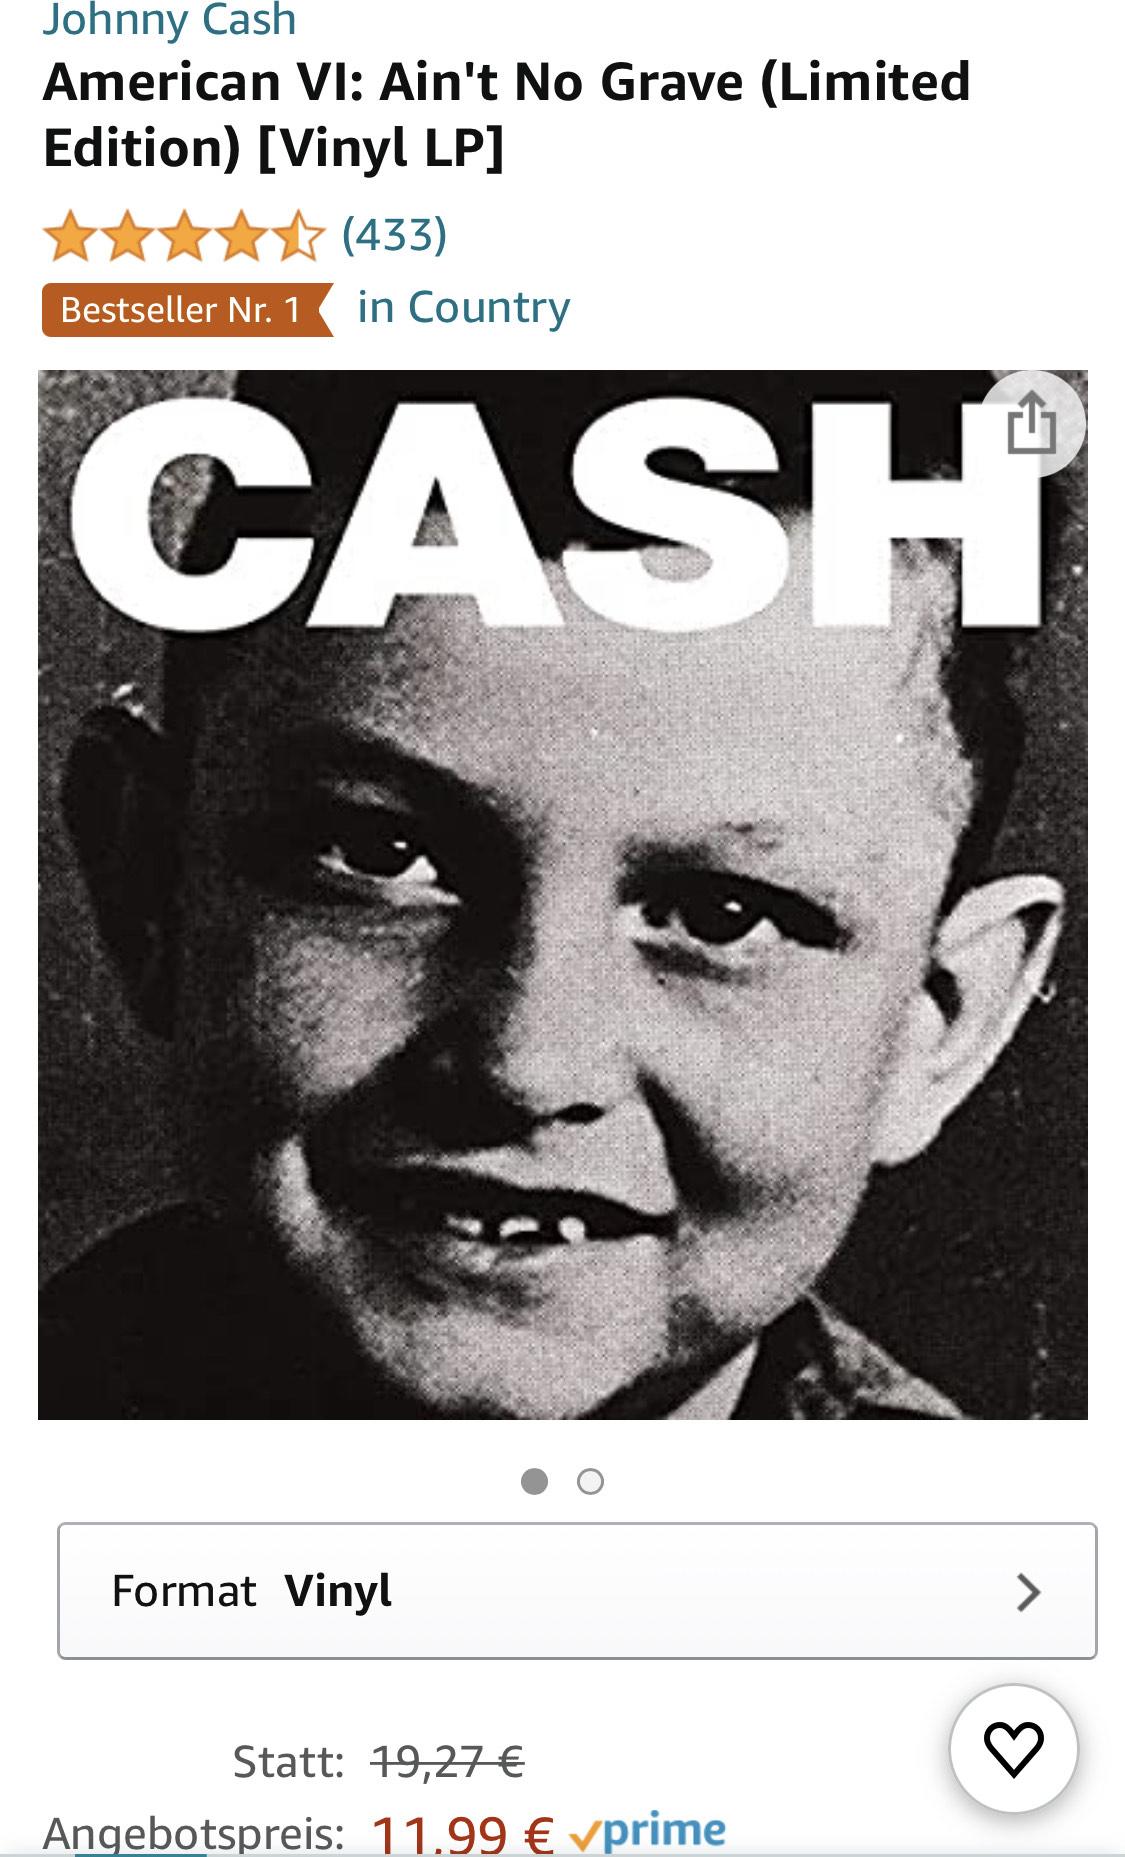 [PRIME DEAL] Johnny Cash - Ain't No Grave (Limited Edition) [Vinyl LP]